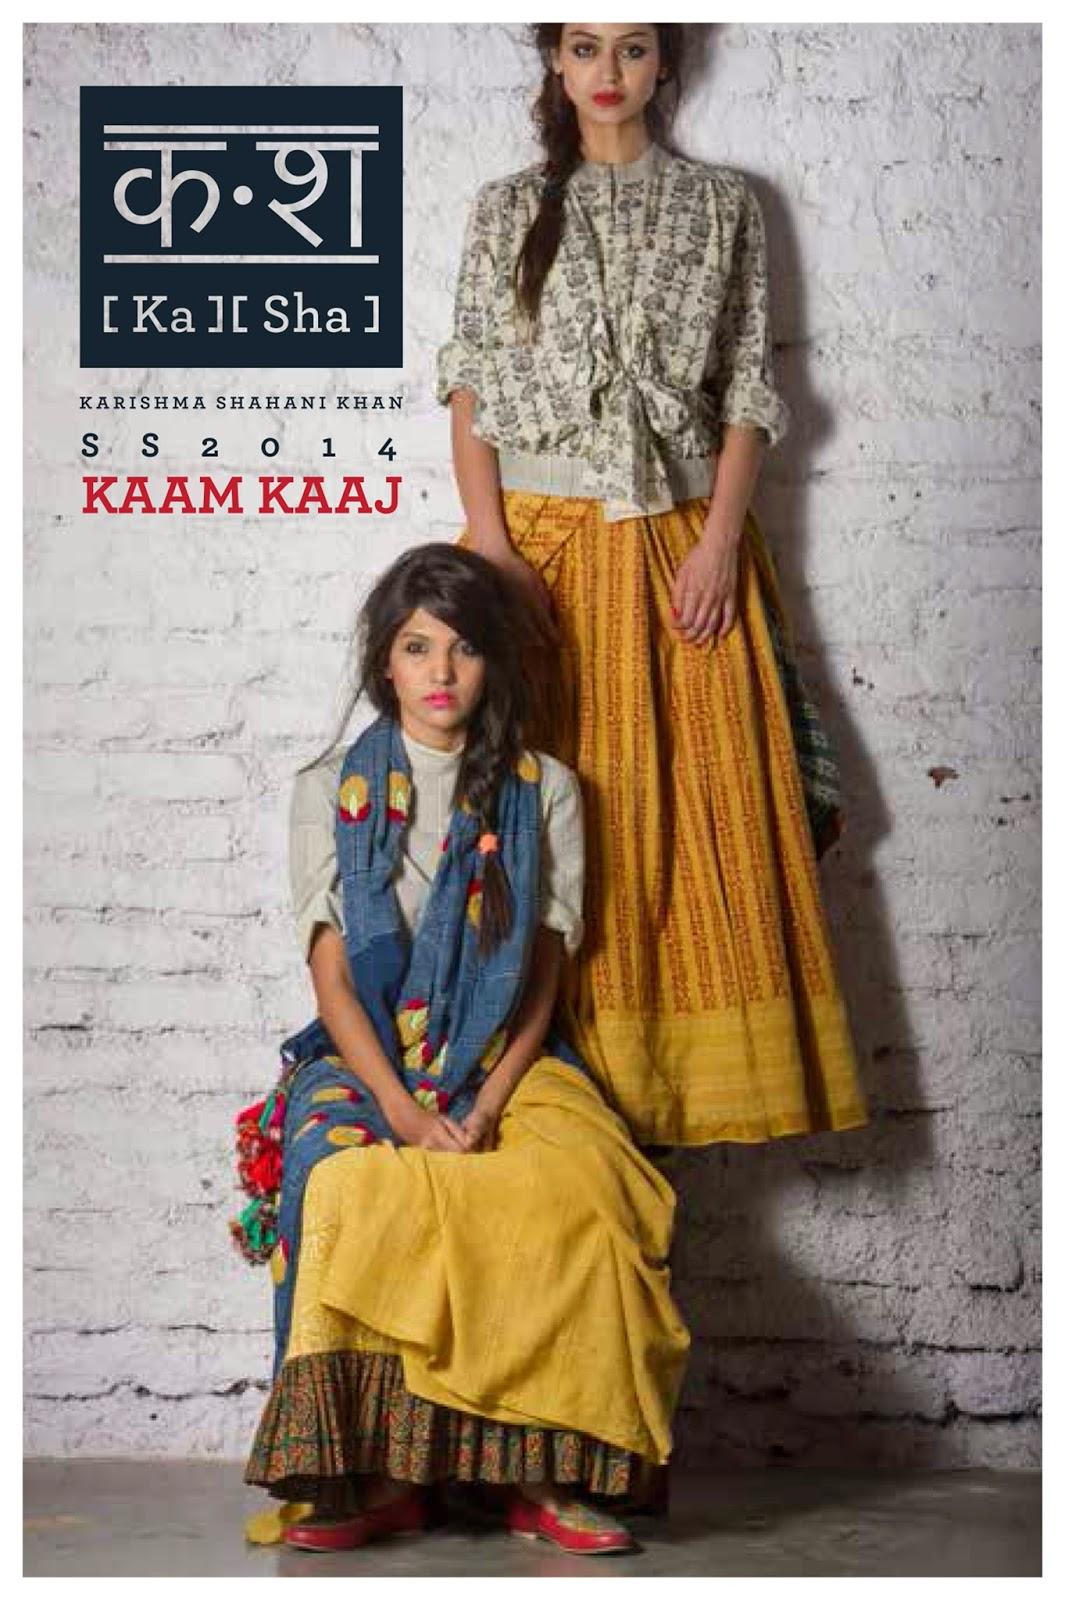 aam Kaaj by Ka Sha in words by Karishma Shahani